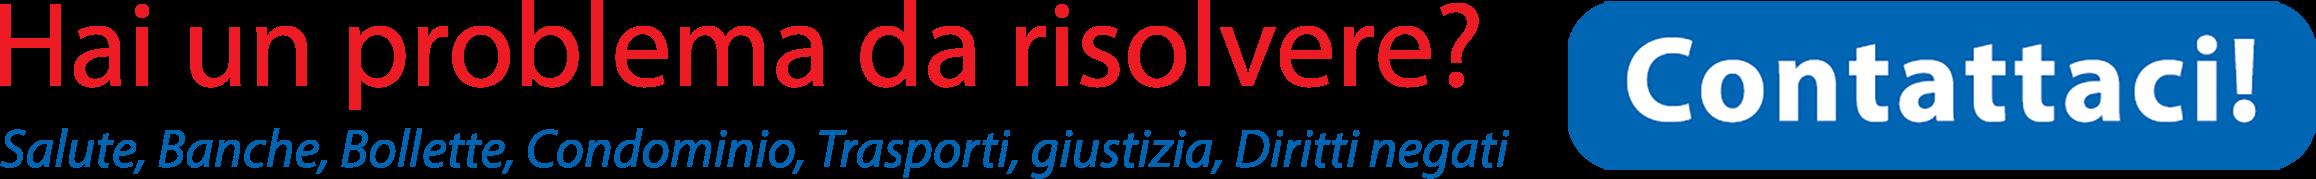 Contatta Cittadinanzattiva Bologna